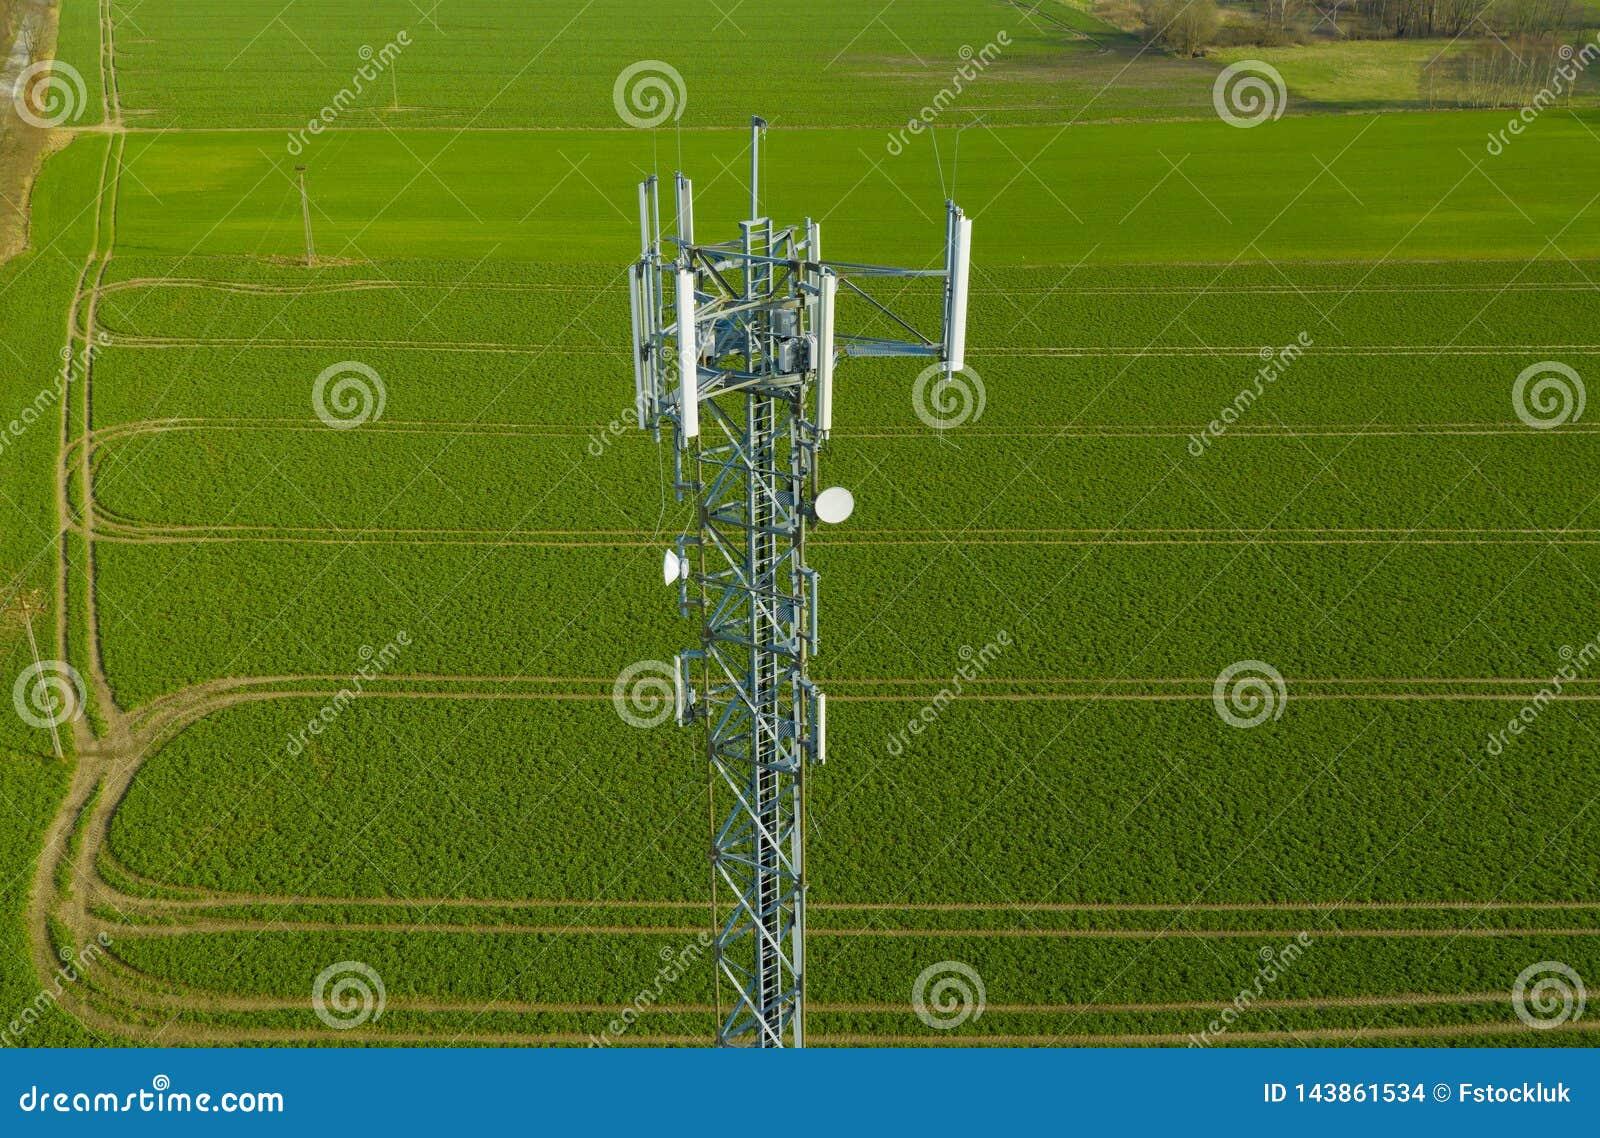 Opinión aérea sobre la torre de acero de la telecomunicación en el medio de la radio del campo verde, del teléfono y de la señal